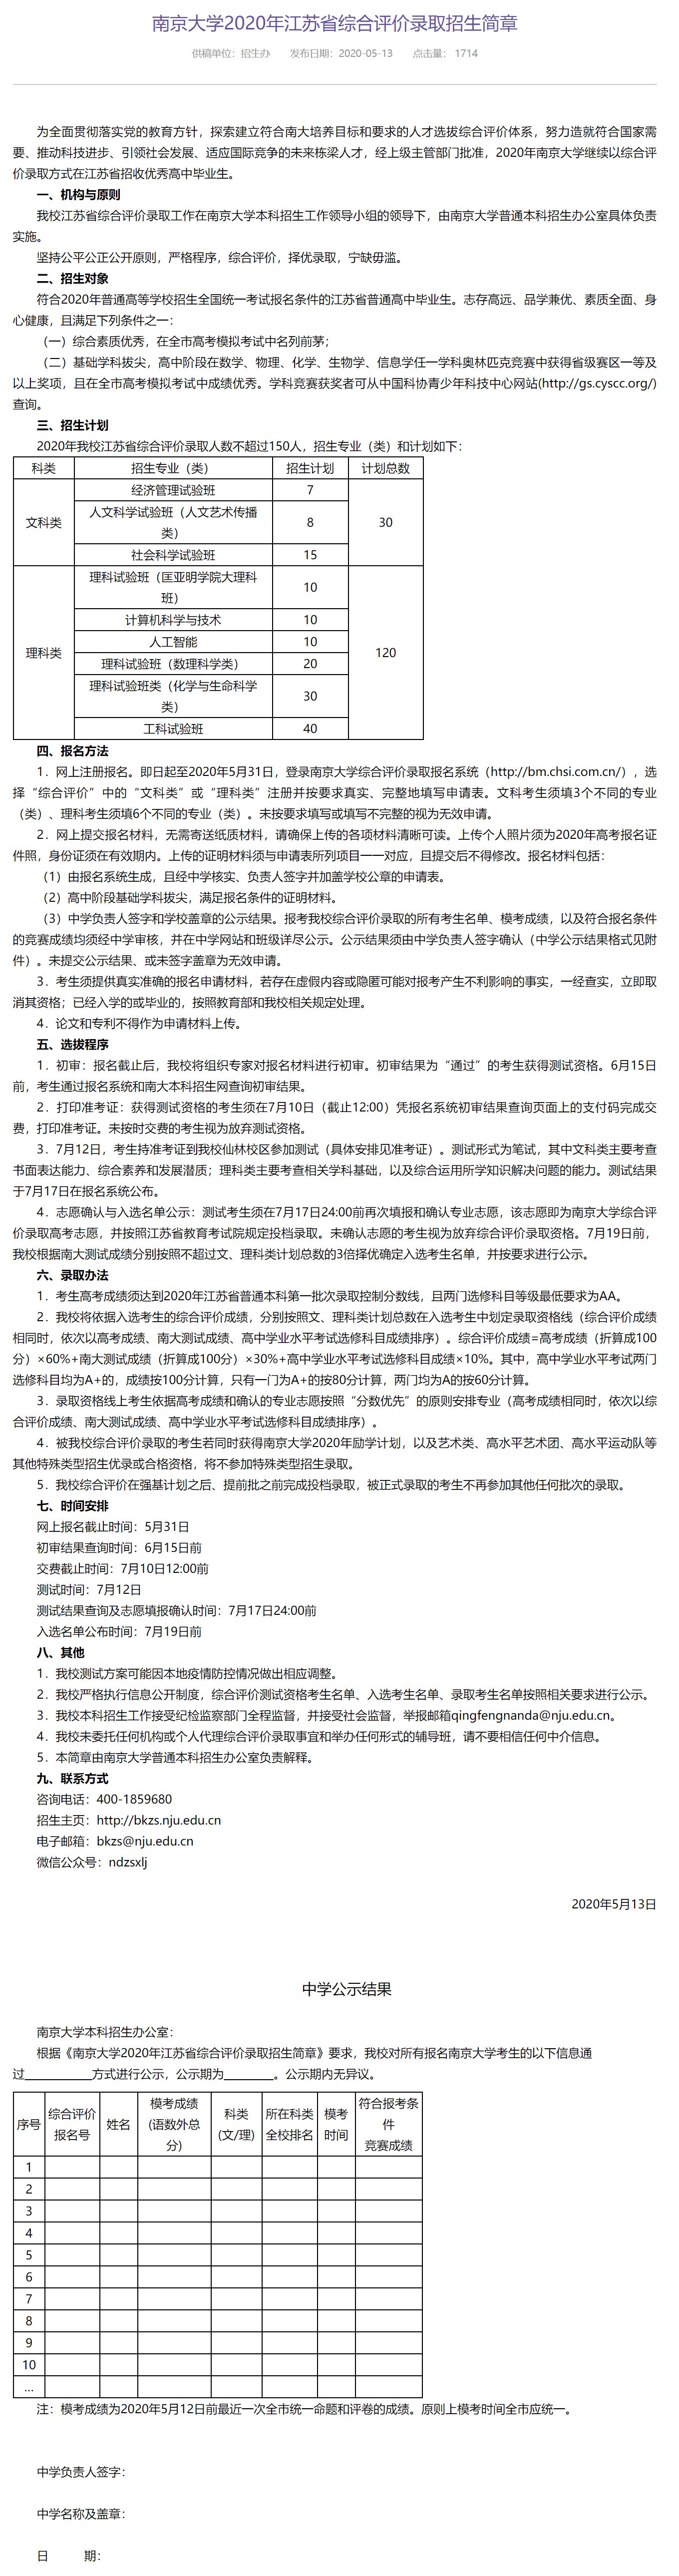 南京大学2020年江苏省综合评价录取招生简章【】.png